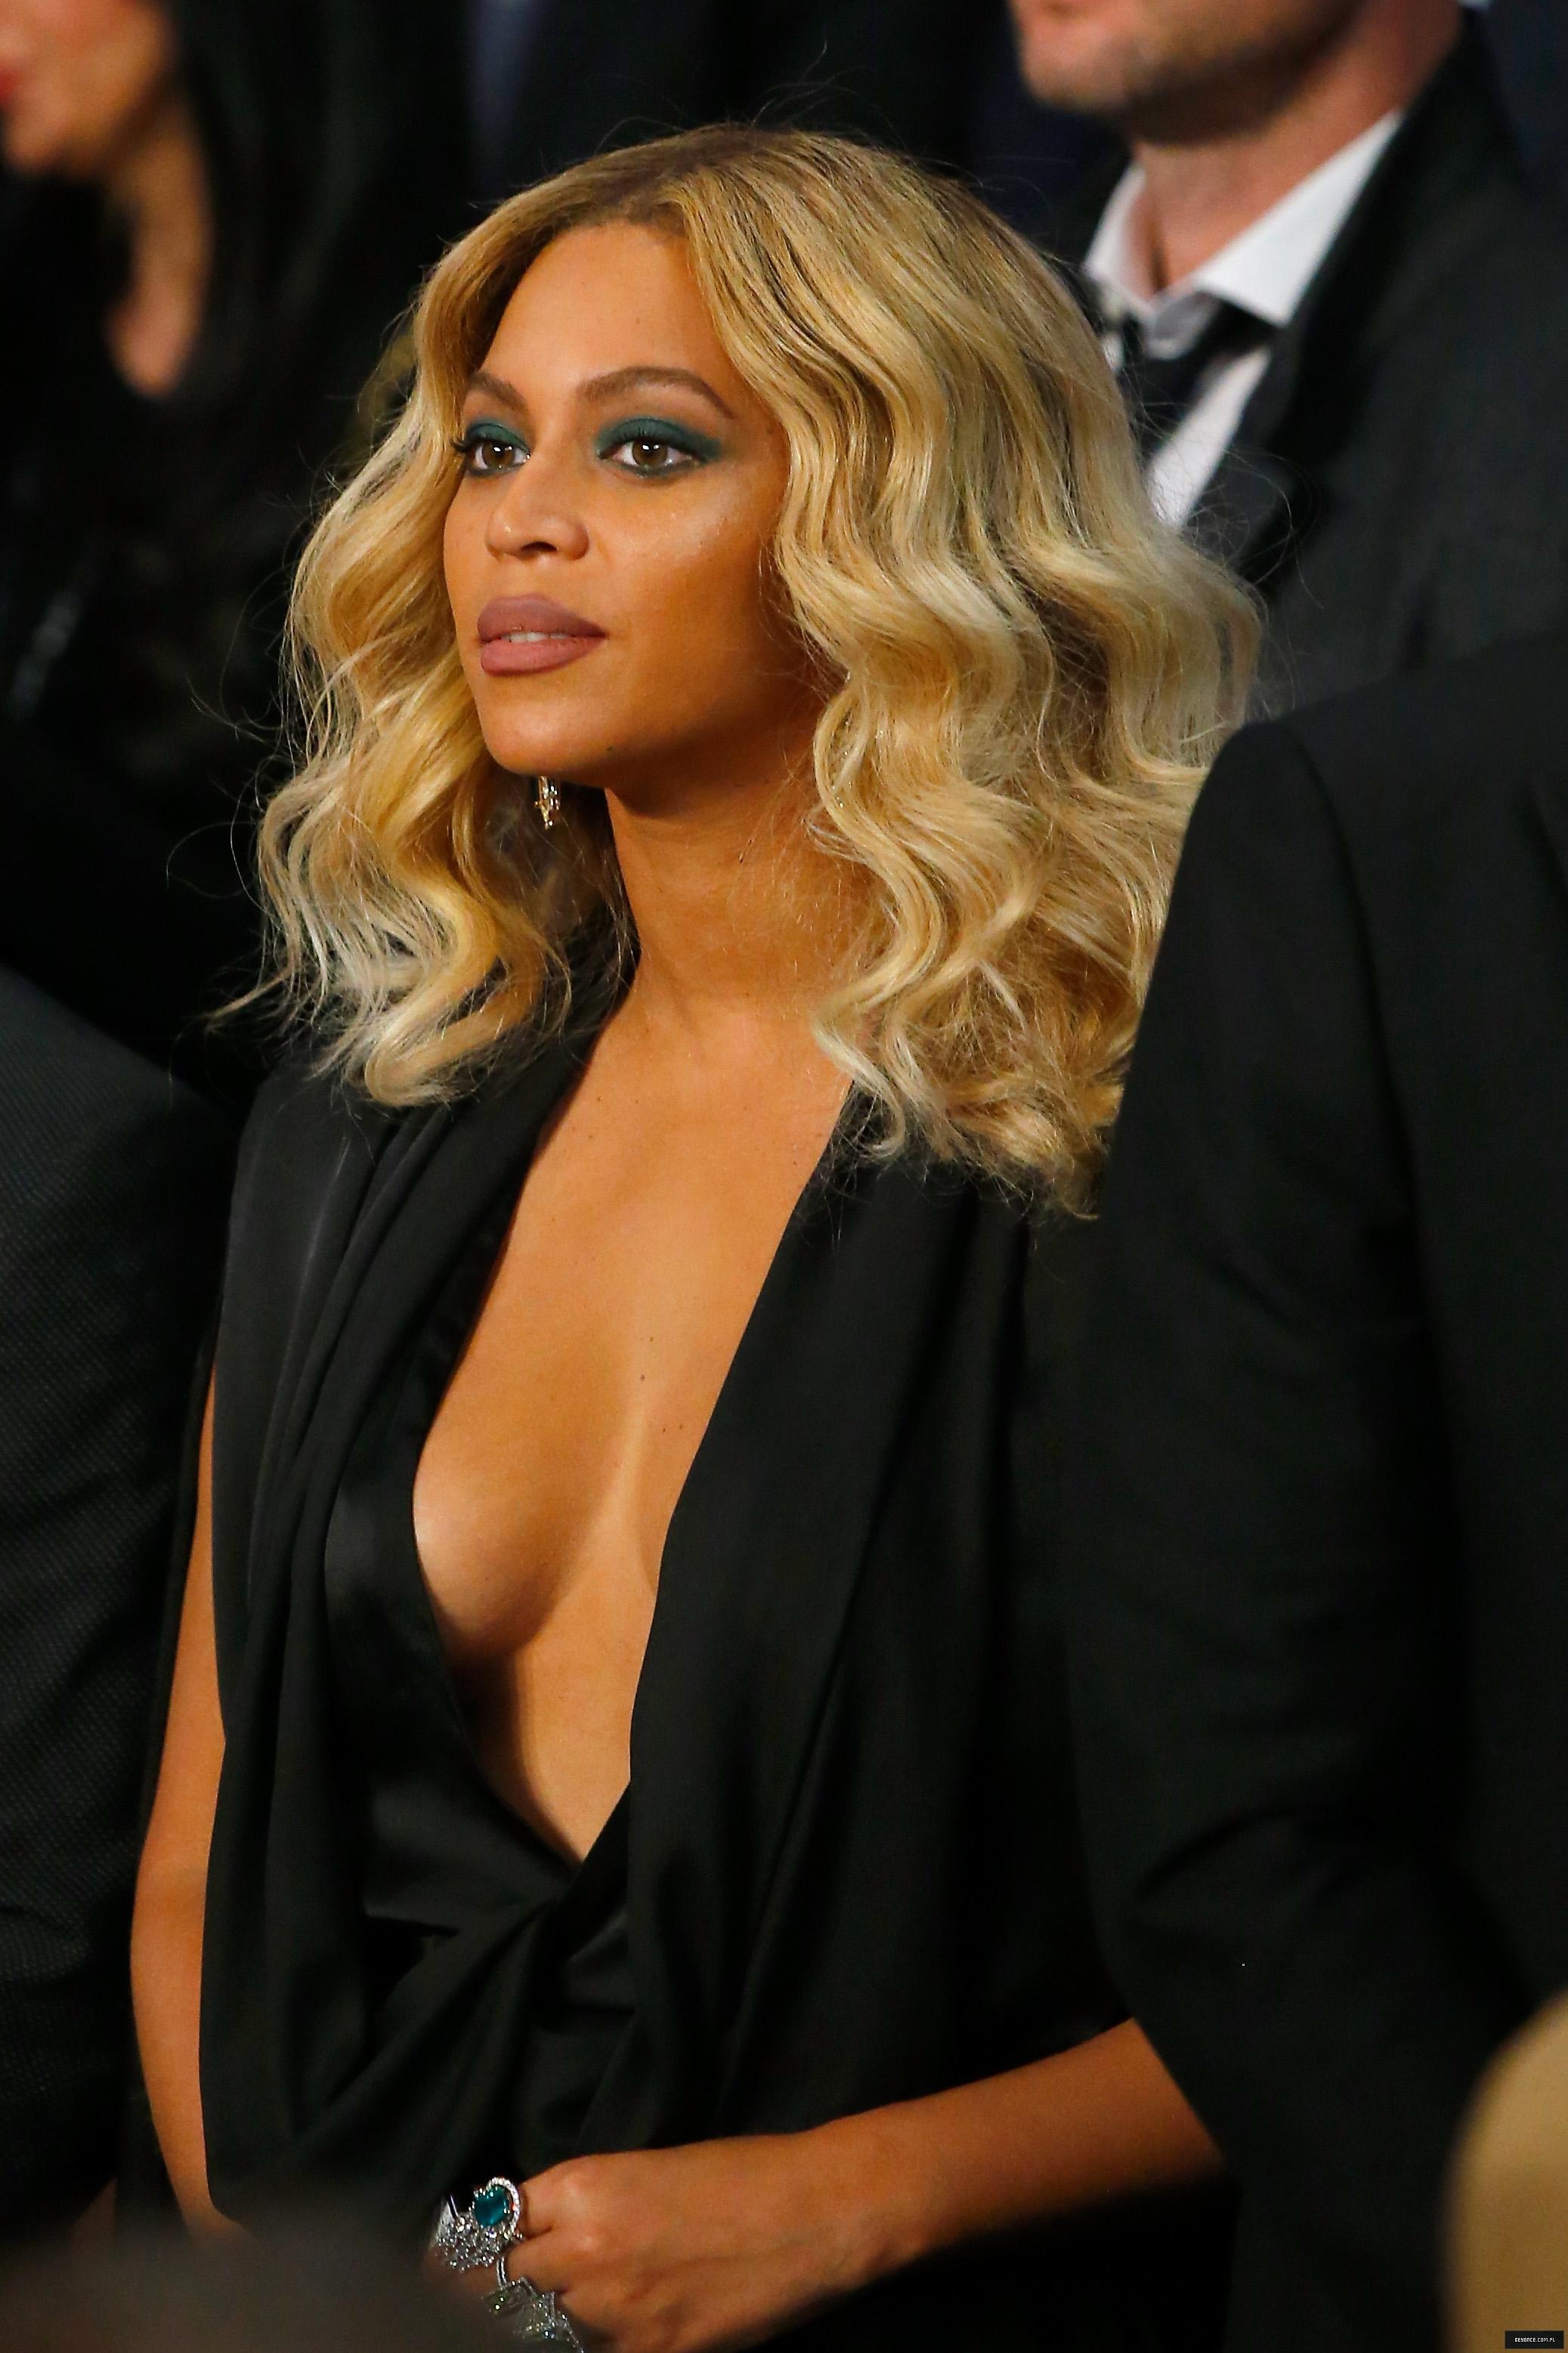 Beyoncé > Apariciones en público <Candids> [III] - Página 50 21-11-2015lasvegas_15